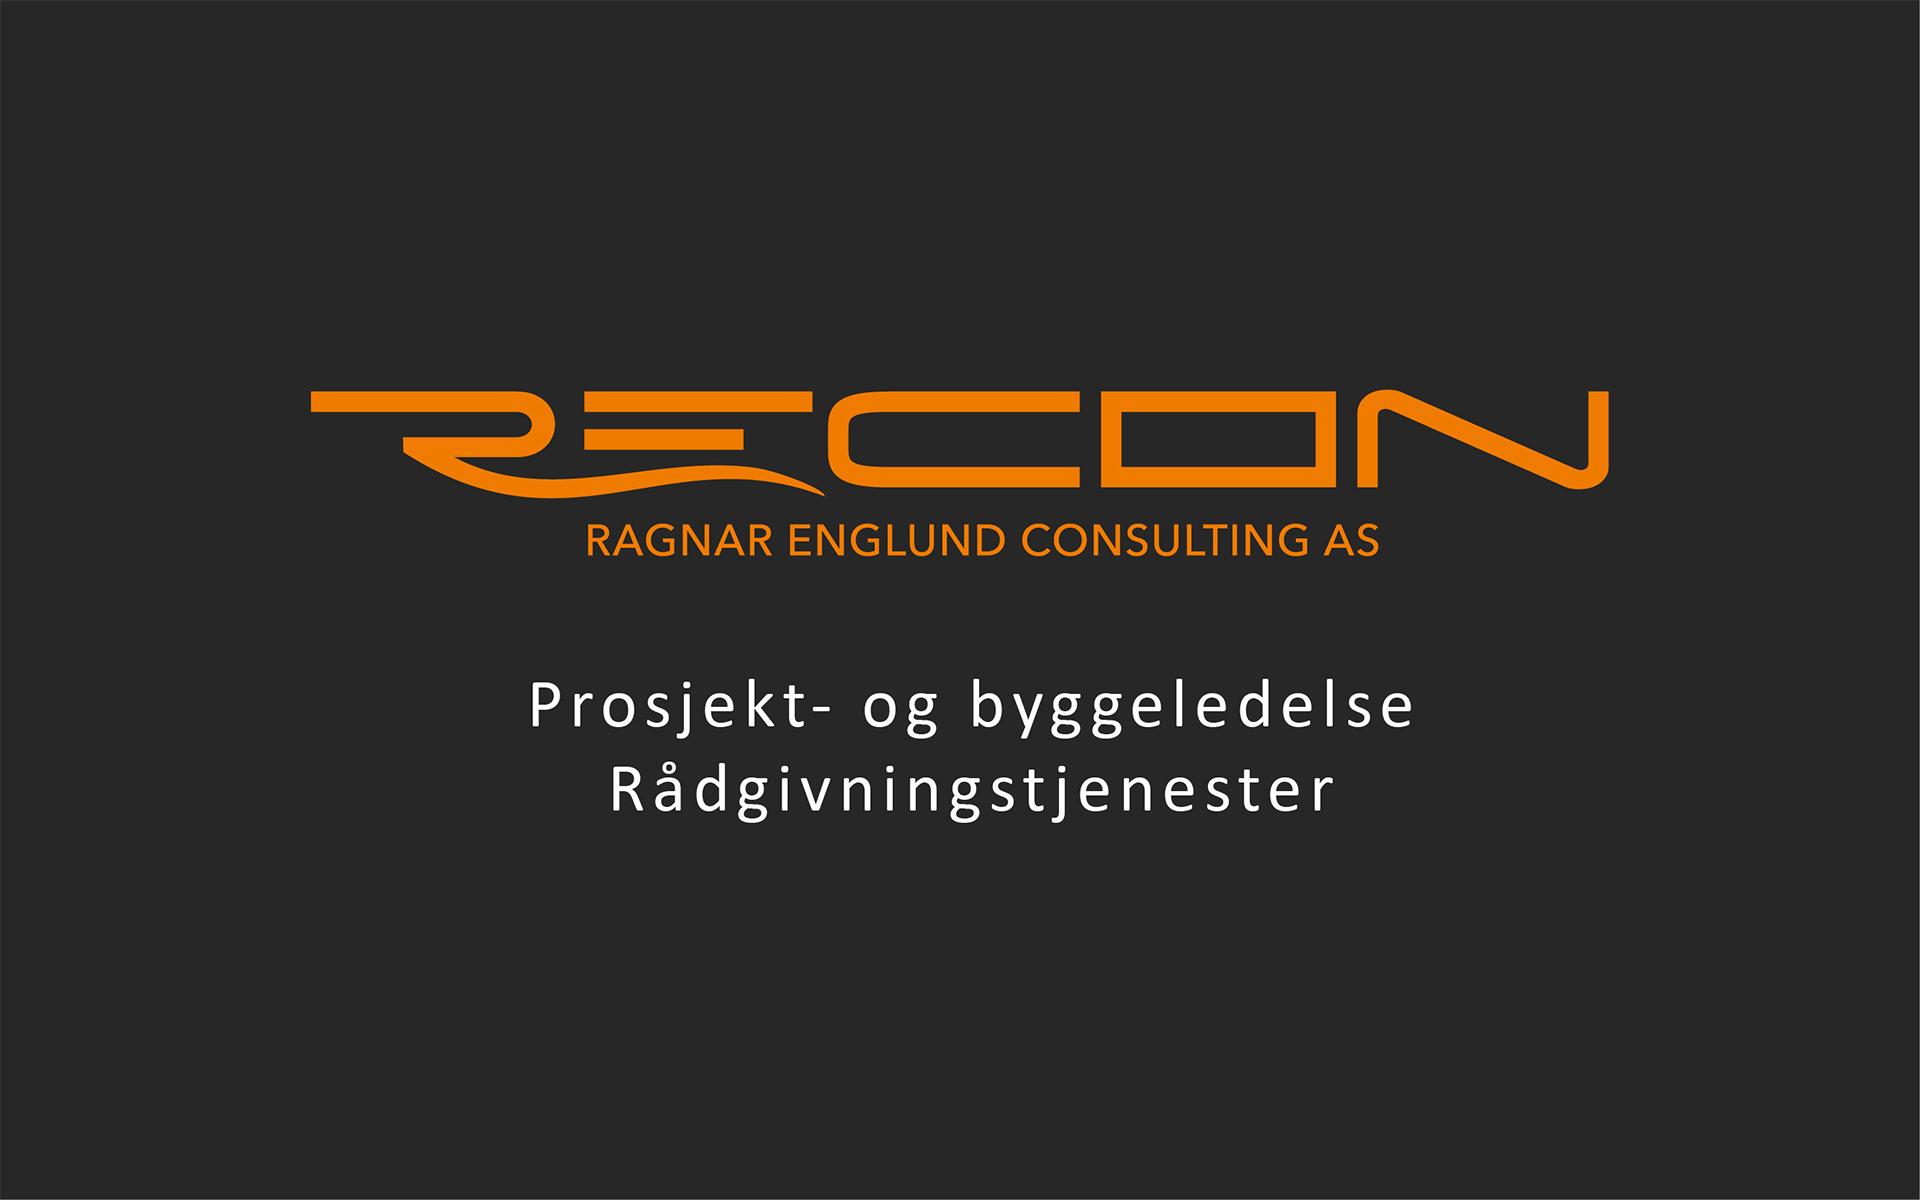 Recon as